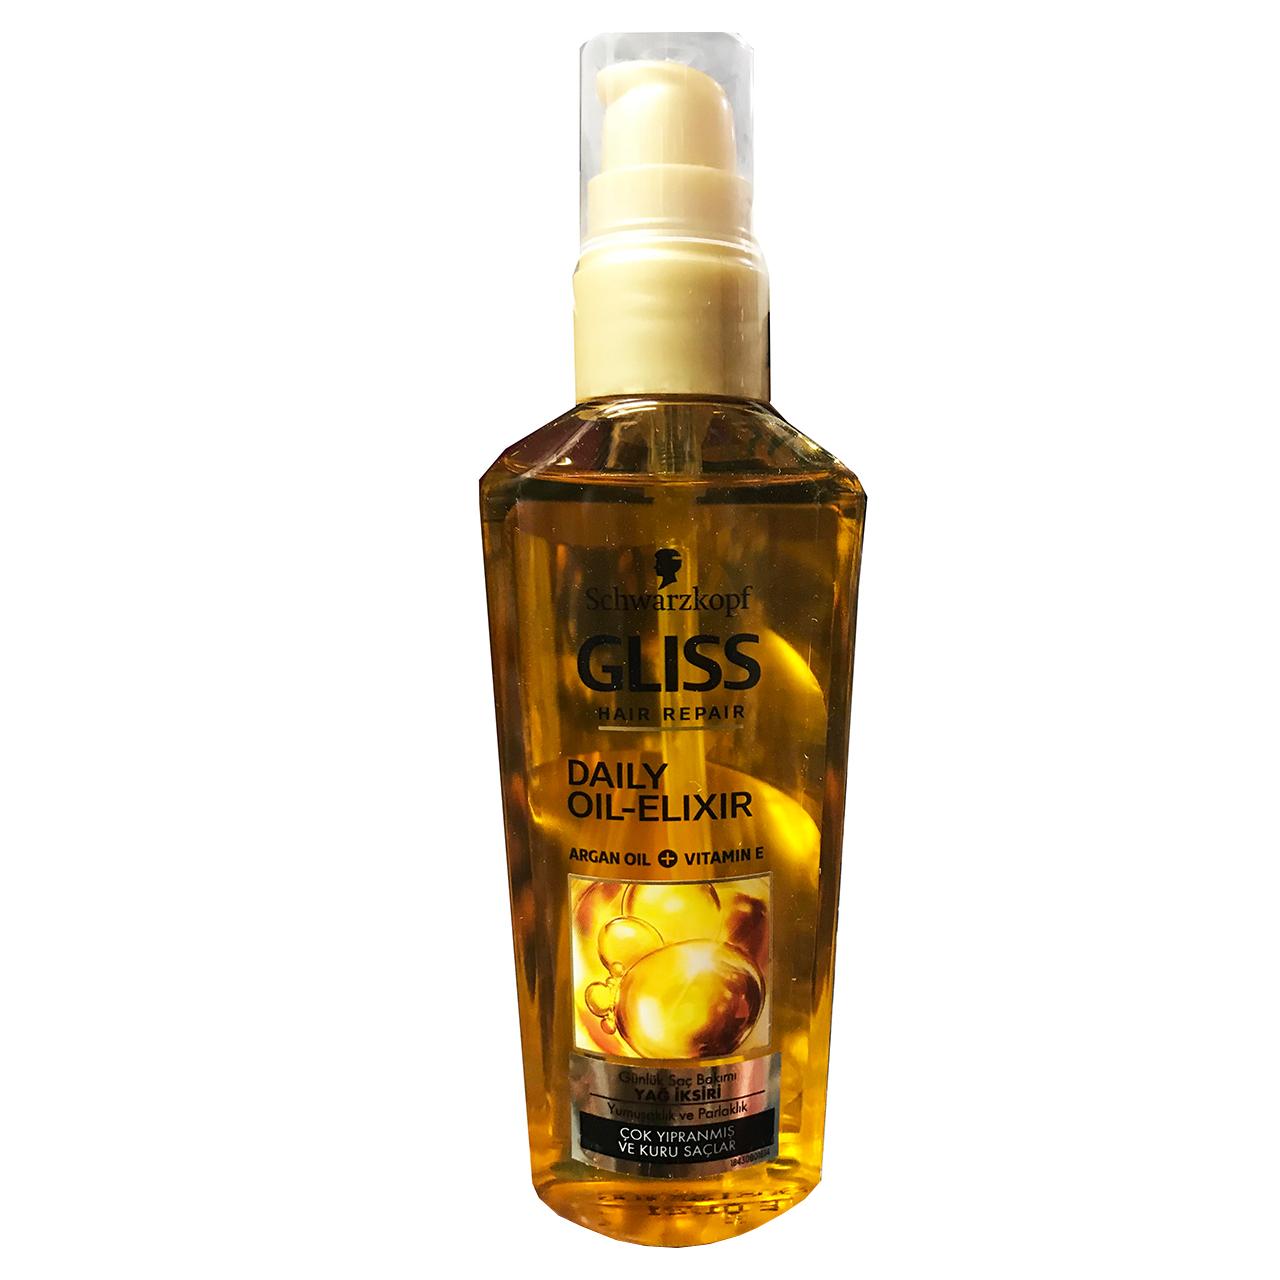 روغن ترمیم کننده مو خشک و آسیب دیده گلیس مدل Daily Oil Elixir حجم 100 میلی لیتر